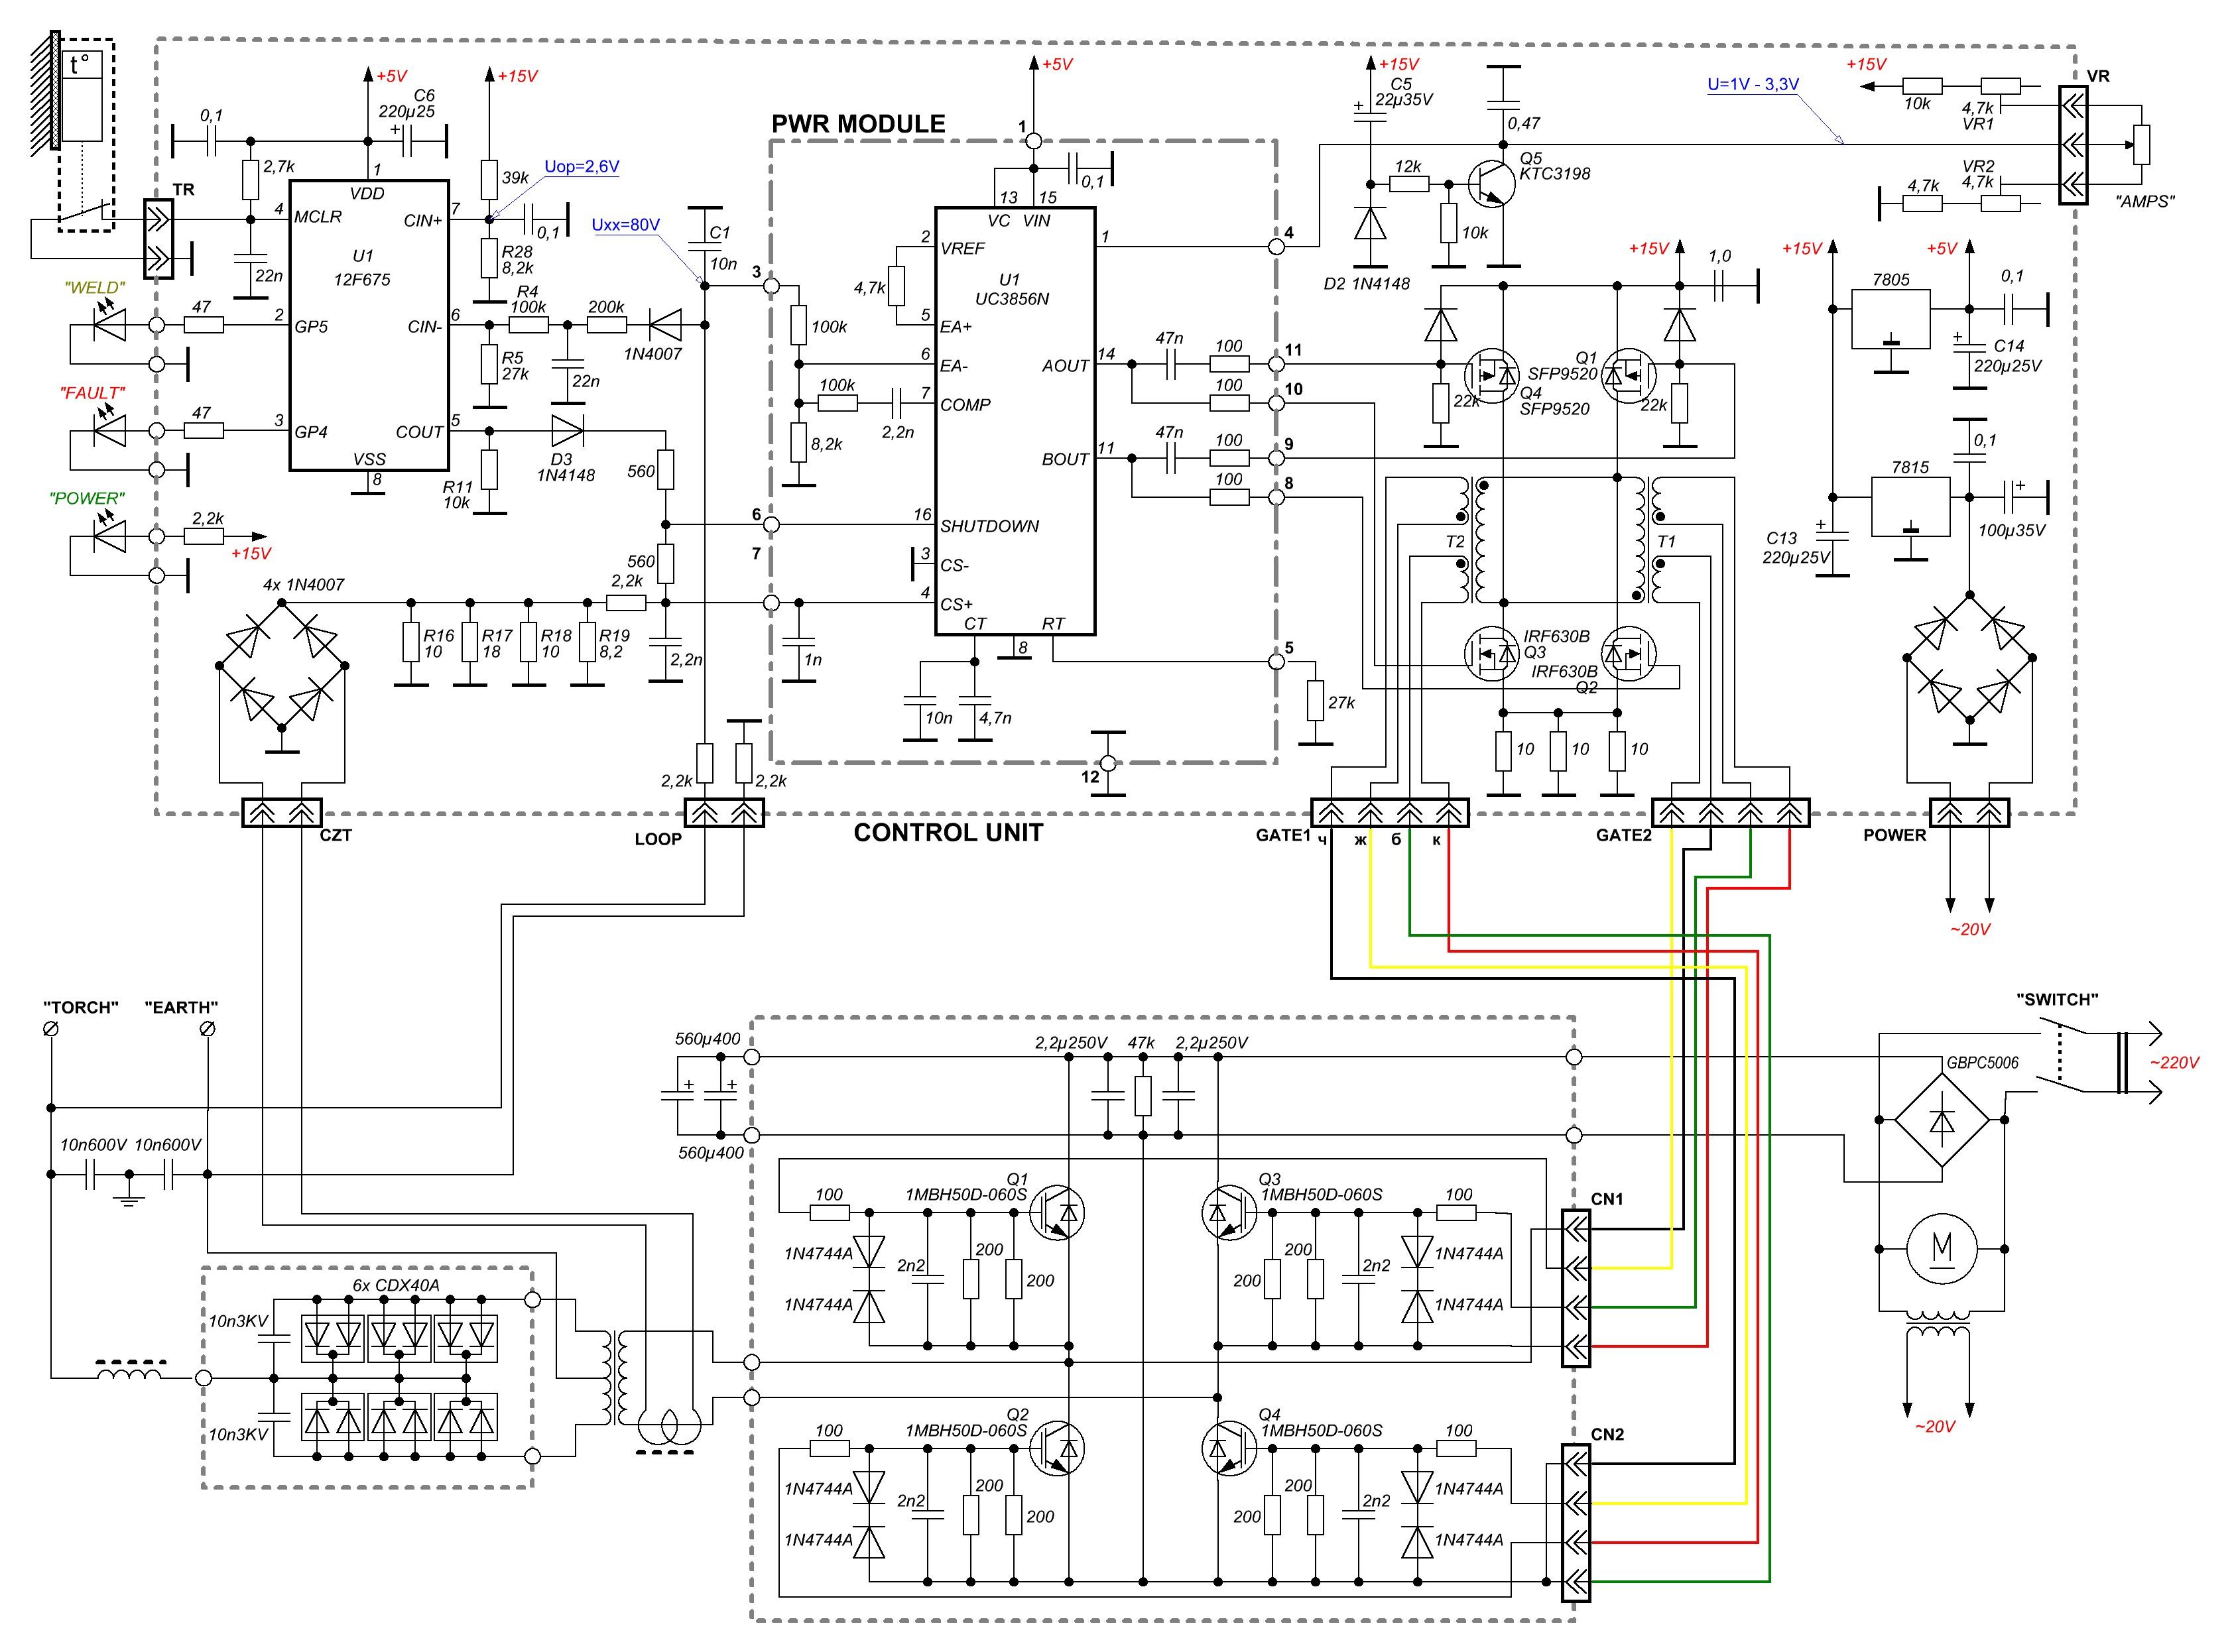 Сварочный инвертор принципиальная схема, каталог схем соединений, скачать схема подключения светодиодов 220в.